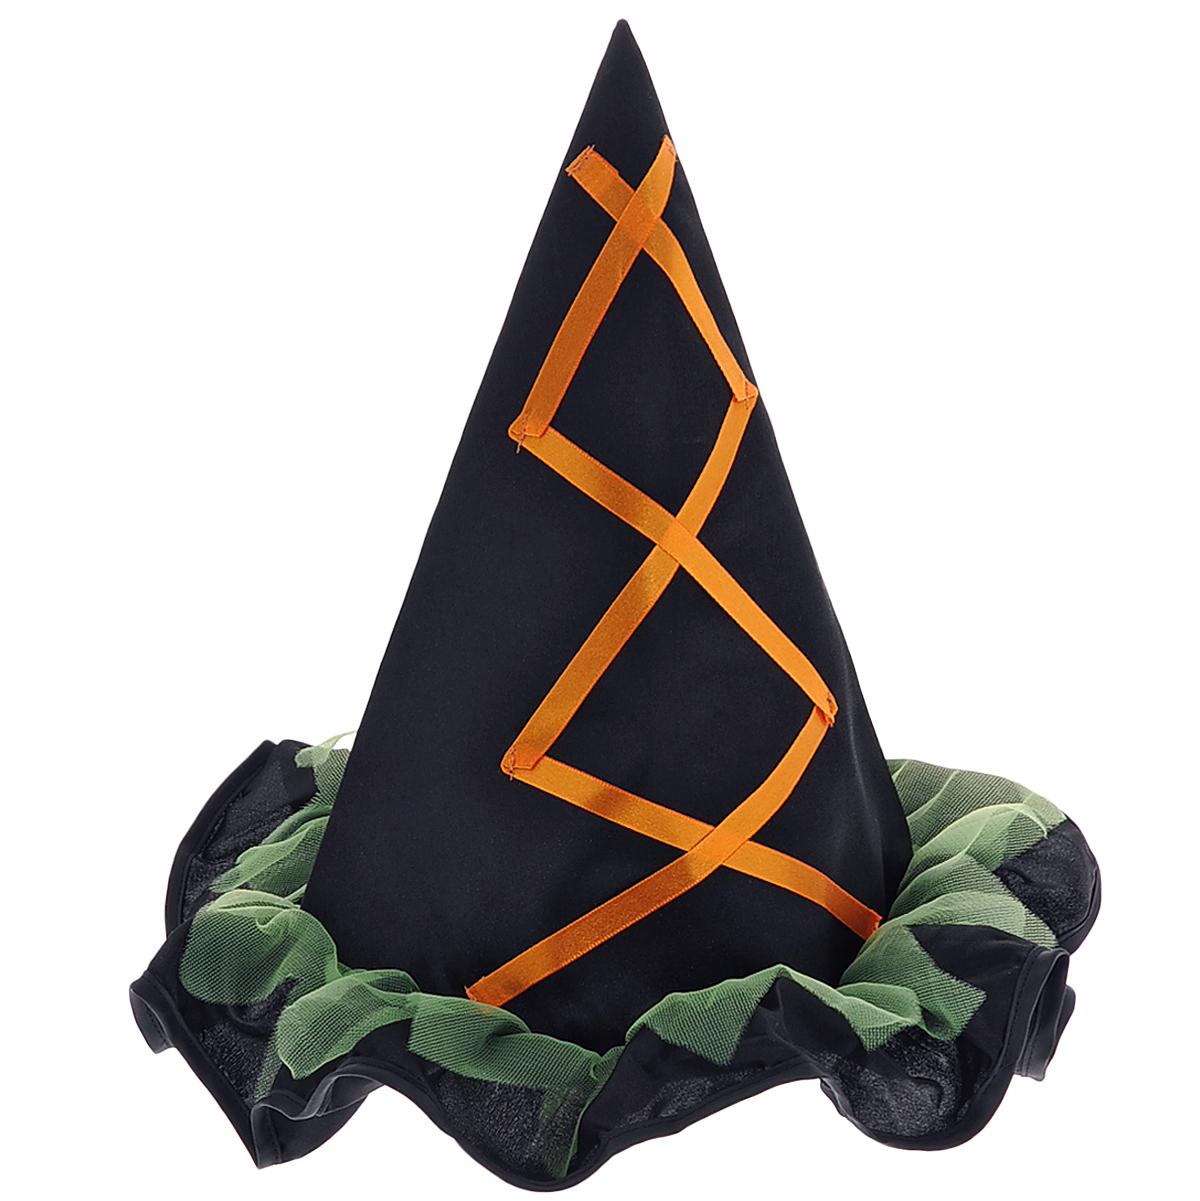 Маскарадная шляпа Лесная фея, цвет: черный, оранжевый. 2646526465Маскарадная шляпа Лесная фея, выполненная из полиэстера, изготовлена в виде остроконечного колпака. Шляпа украшена рюшами с зеленой сеточкой и атласной лентой оранжевого цвета. У вас намечается веселая вечеринка или маскарад? Маскарадная шляпа внесет нотку задора и веселья в праздник и станет завершающим штрихом в создании праздничного образа. Веселое настроение и масса положительных эмоций вам будут обеспечены! Материал: полиэстер. Размер шляпы: 28 см х 28 см х 31 см.